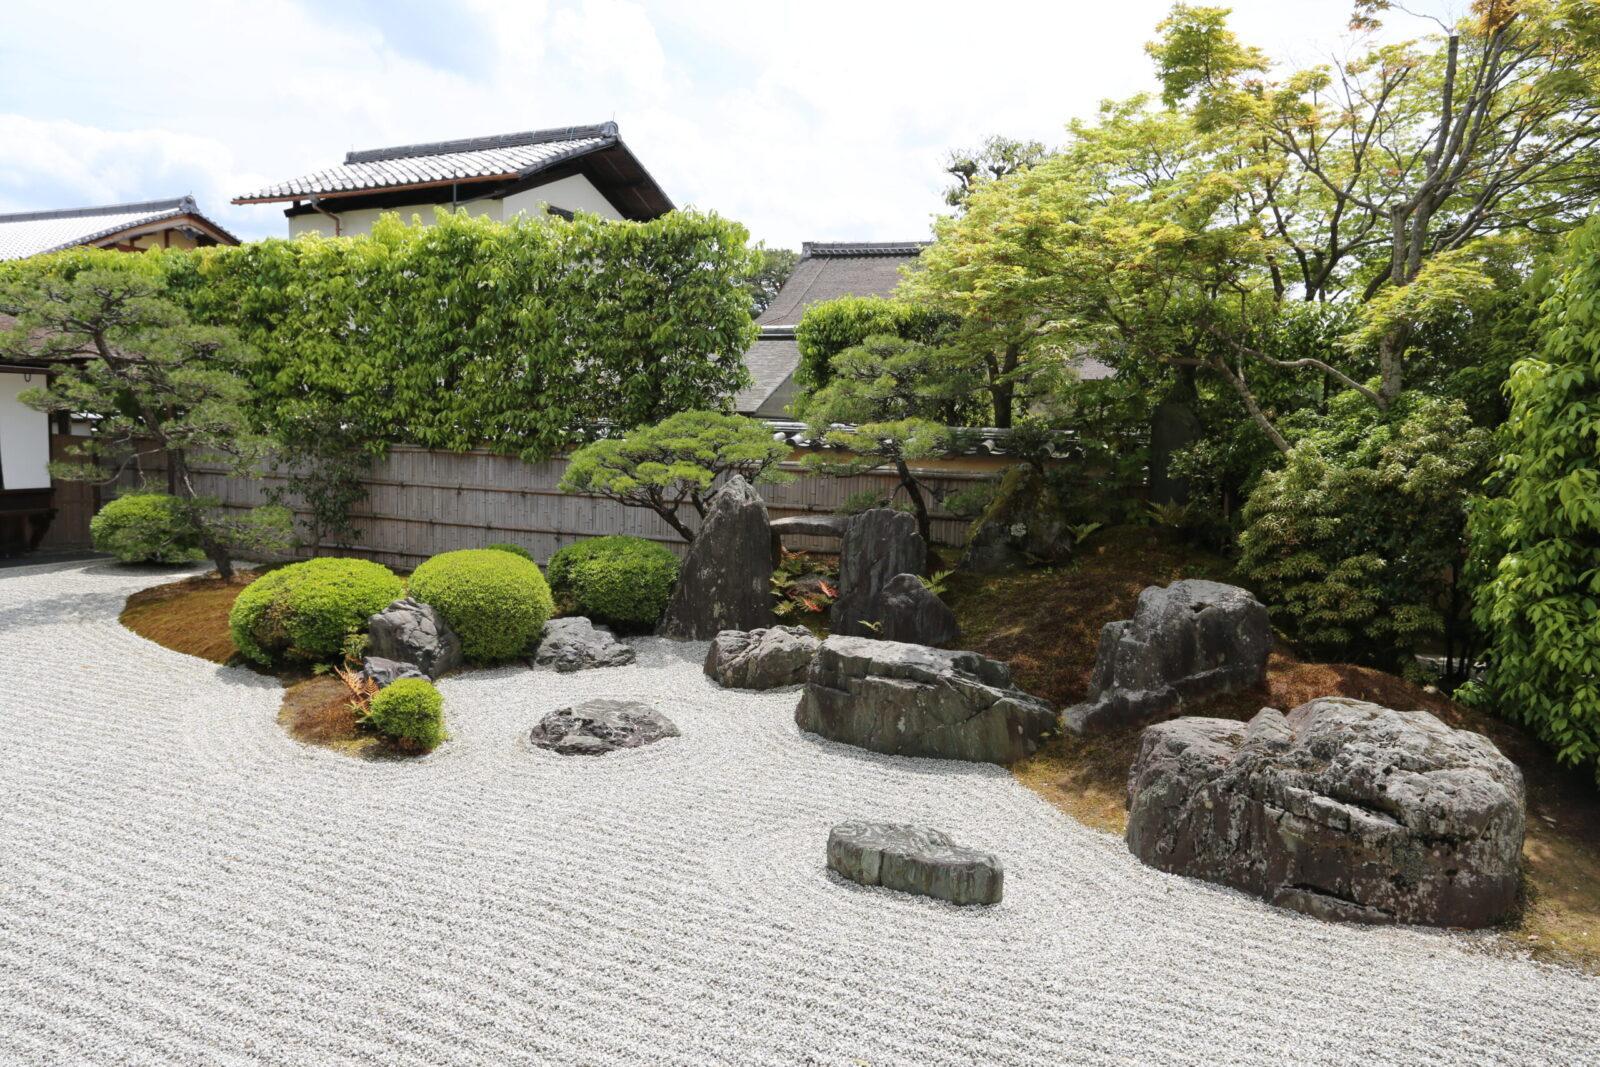 Minimalismo, armonia e significato: questo è il Giardino Zen